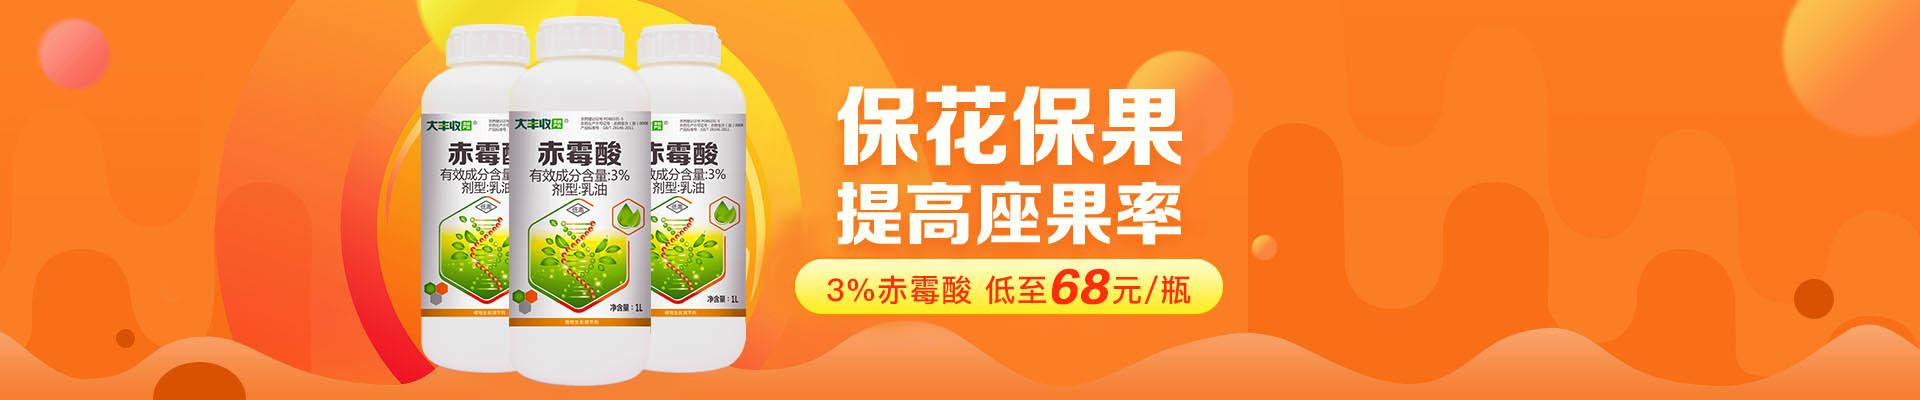 【2月】众筹-3%赤霉酸